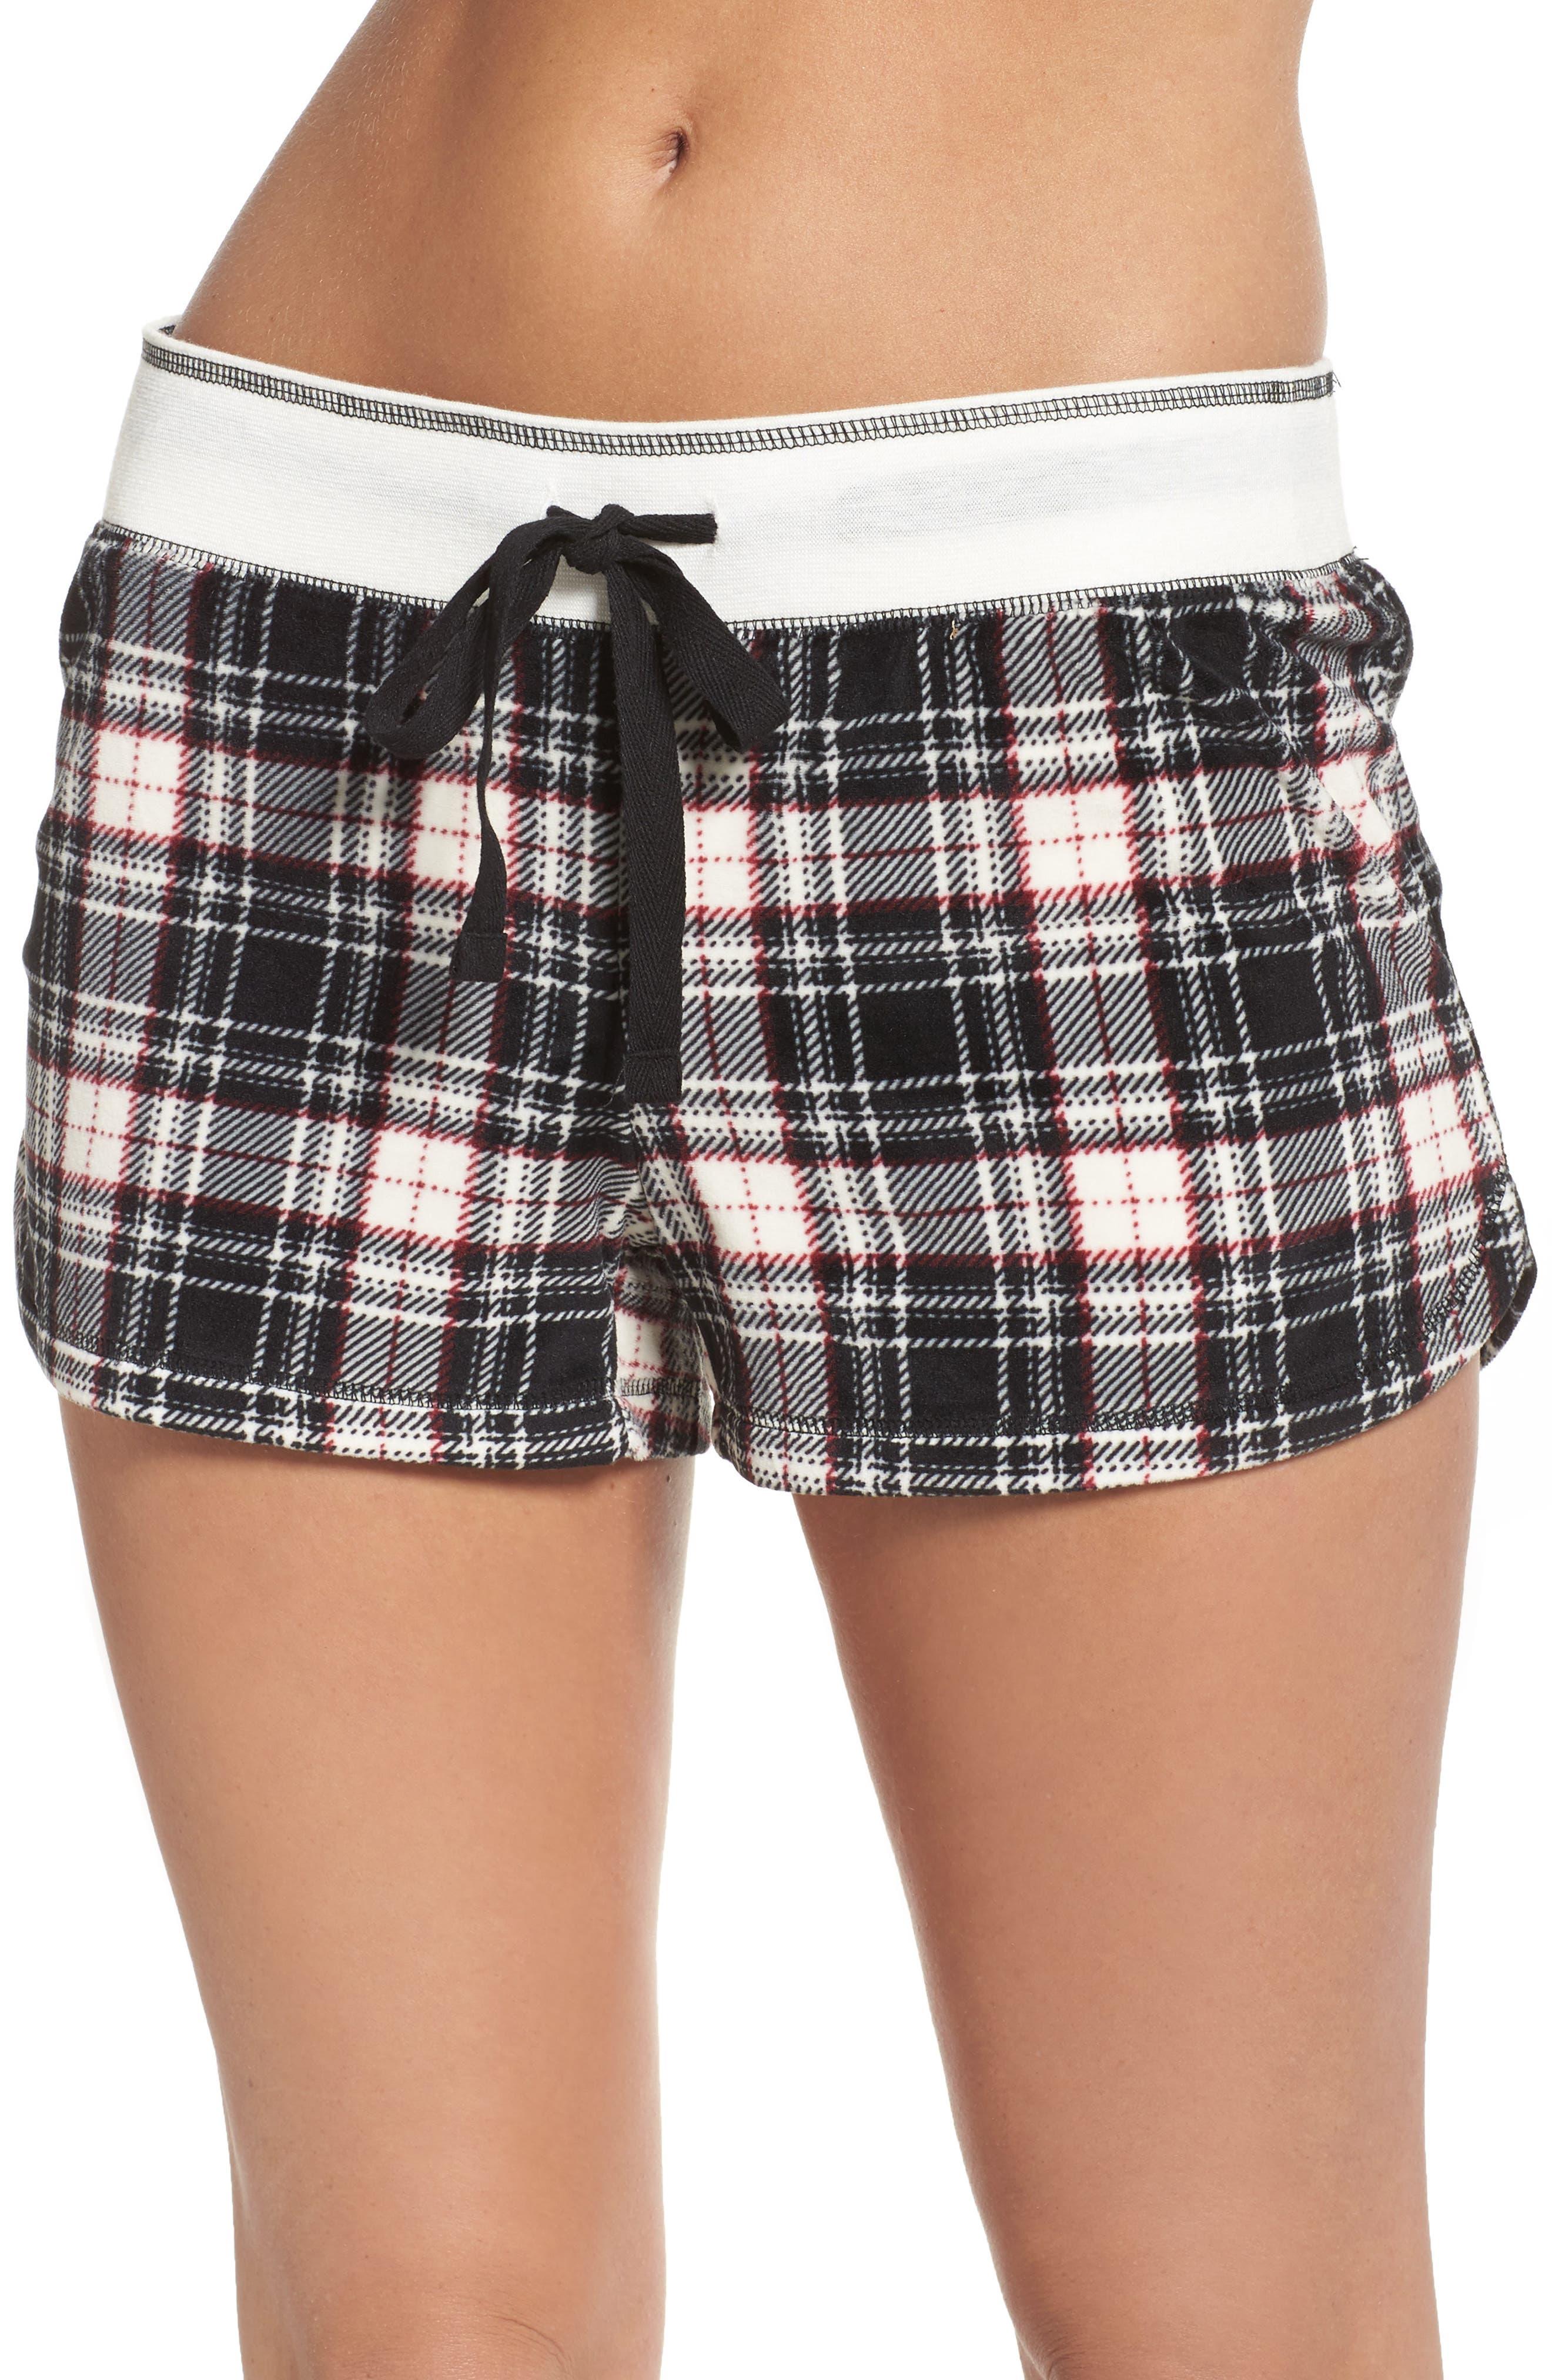 Velour Shorts,                             Main thumbnail 1, color,                             001